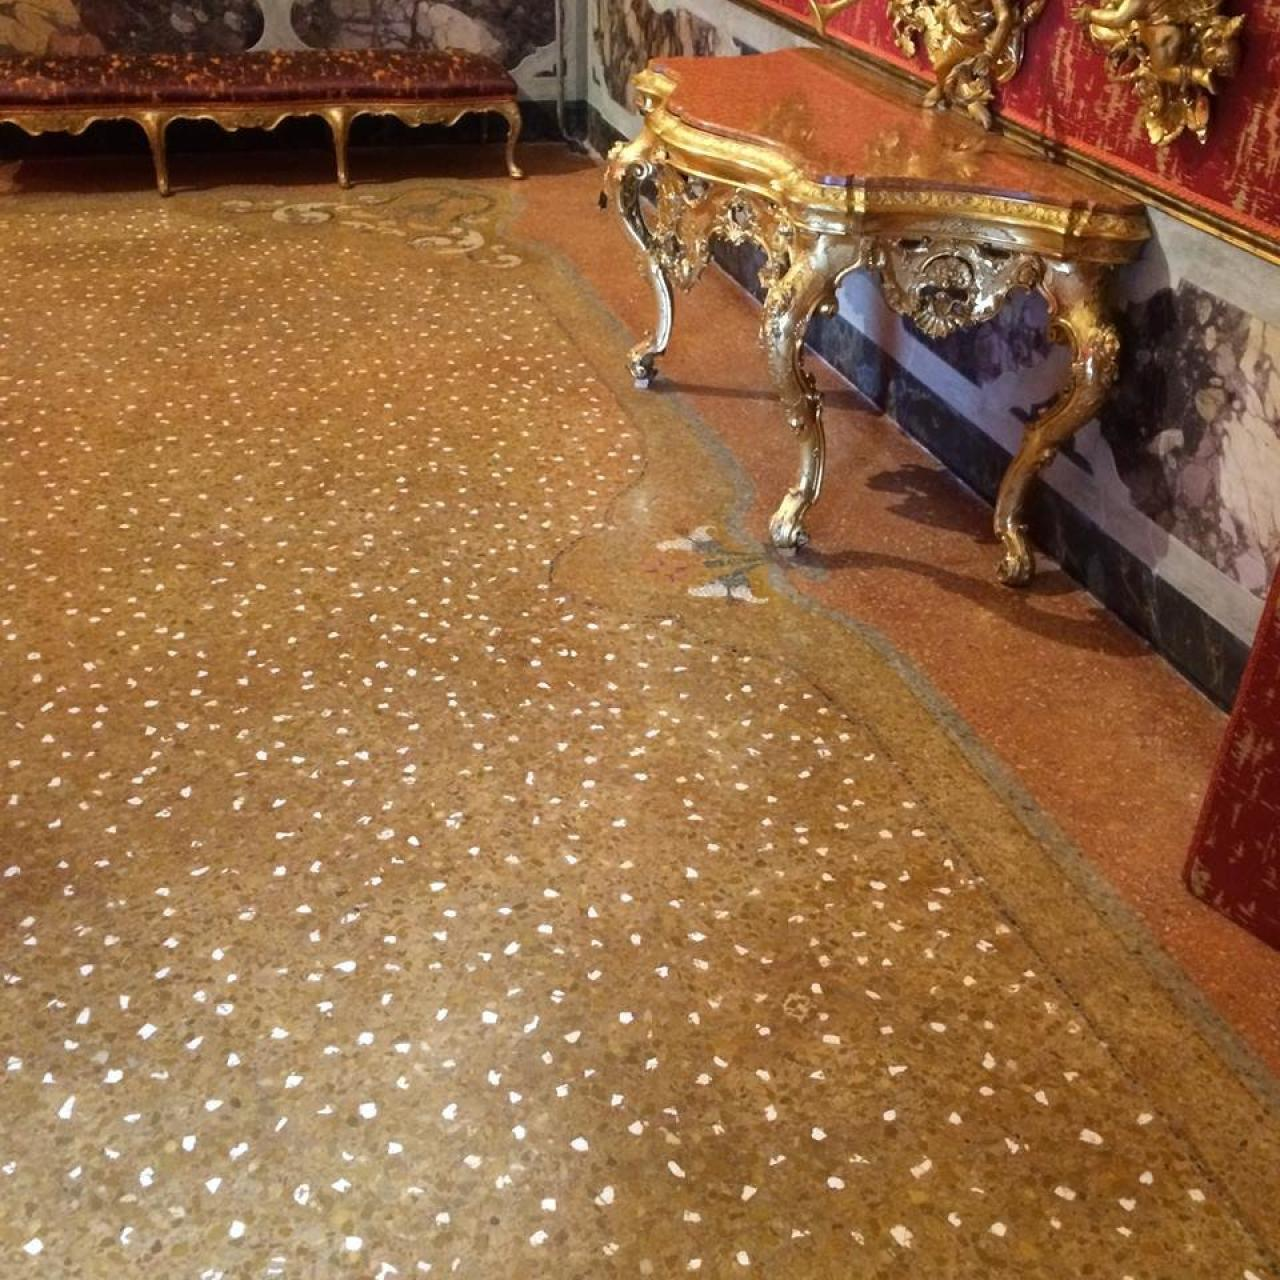 Pavimenti alla Veneziana, anche a Vicenza | Fratelli Pellizzari